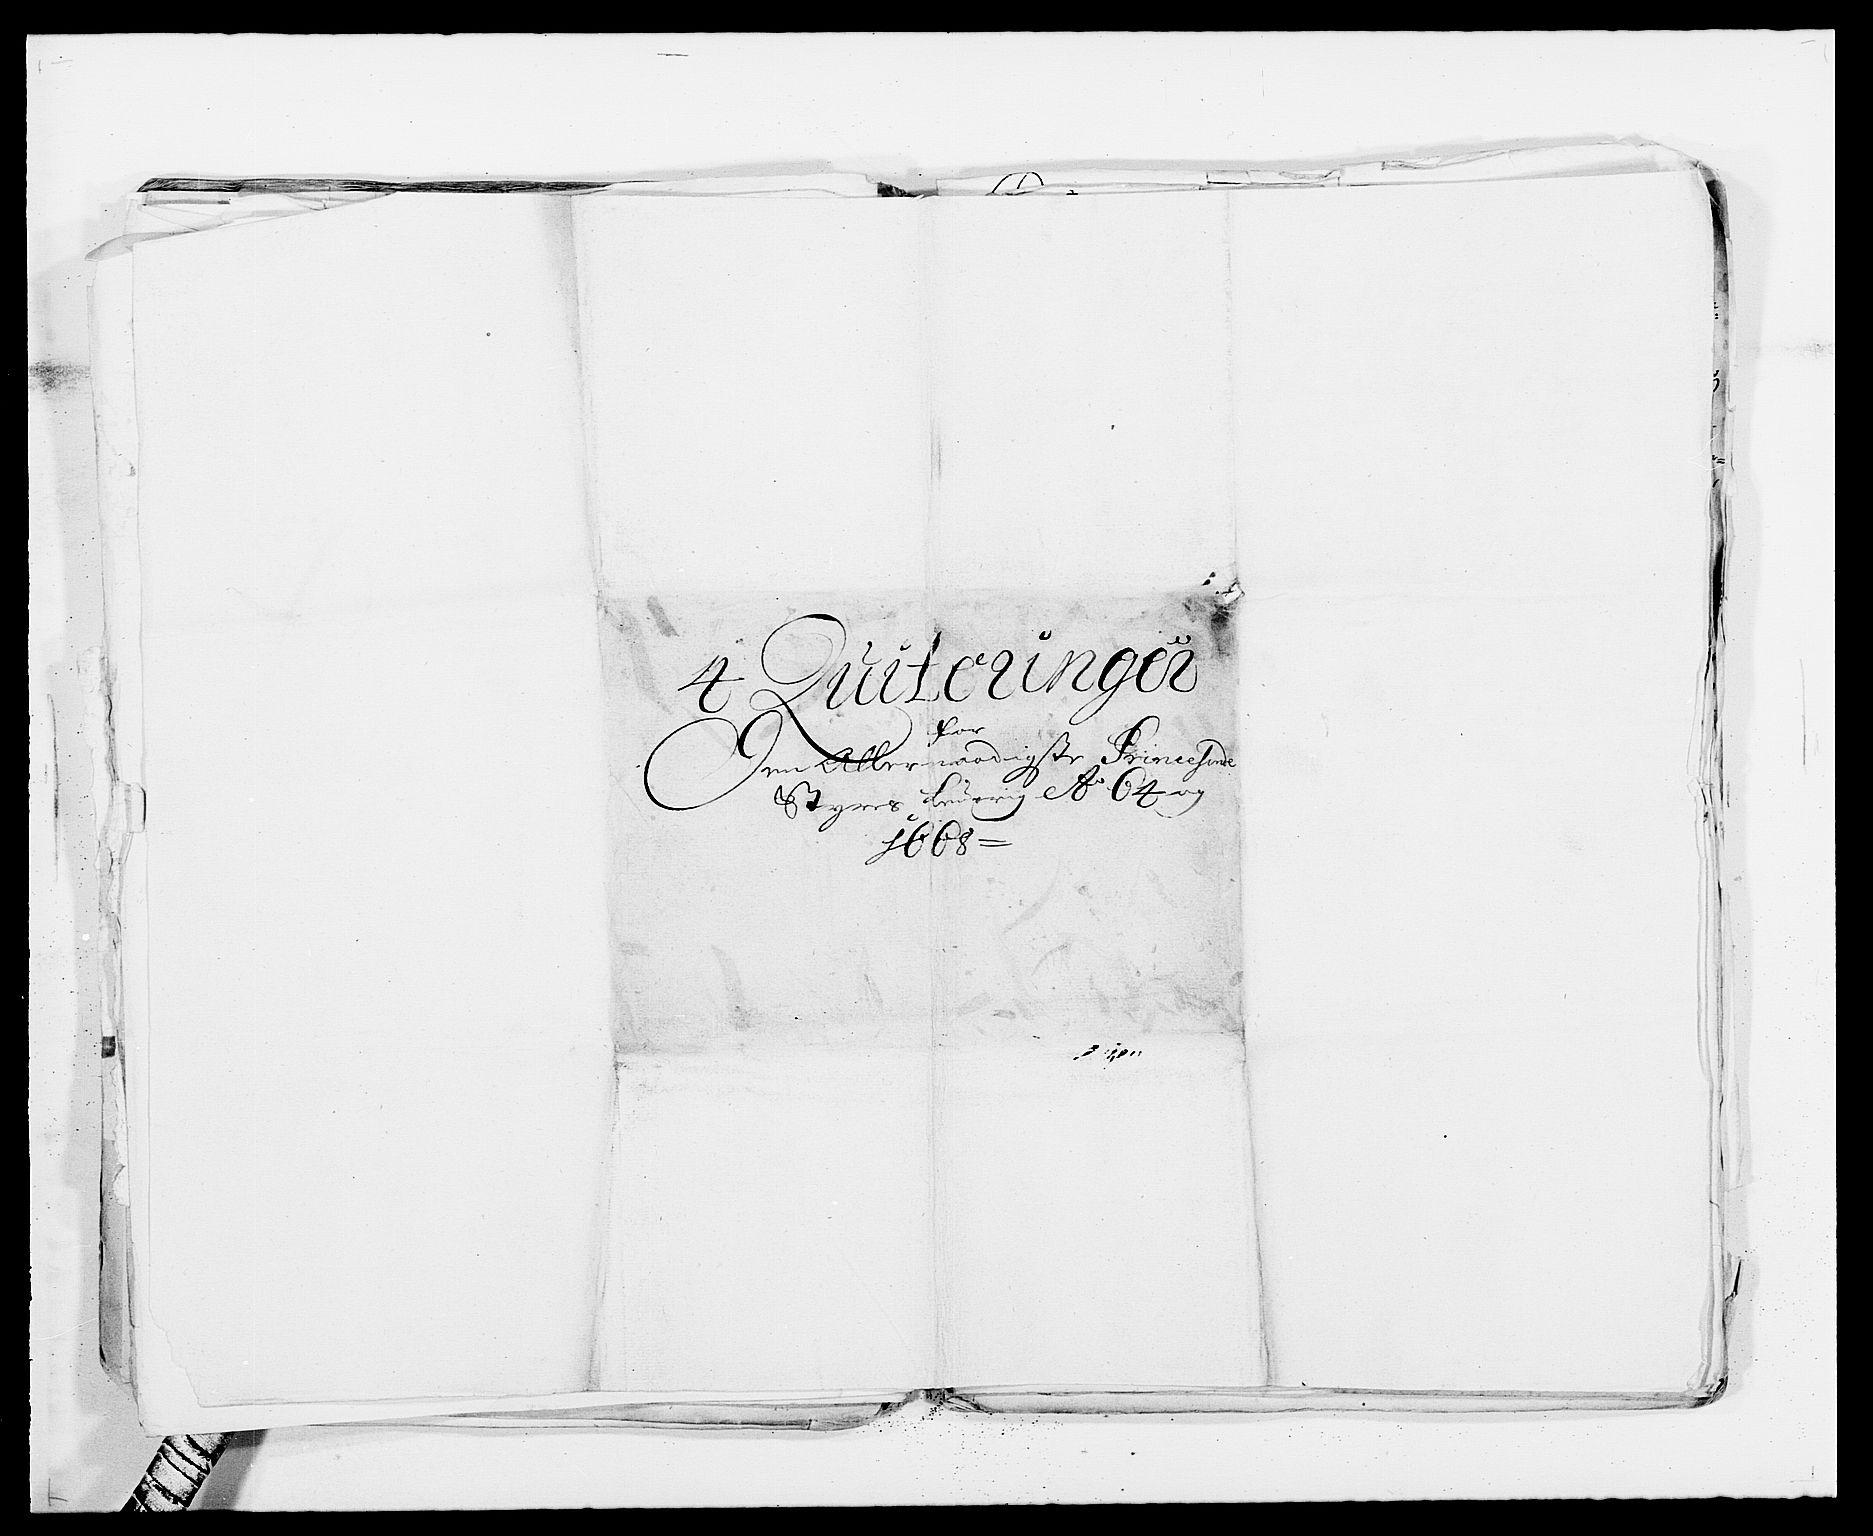 RA, Rentekammeret inntil 1814, Reviderte regnskaper, Fogderegnskap, R39/L2298: Fogderegnskap Nedenes, 1667-1669, s. 80